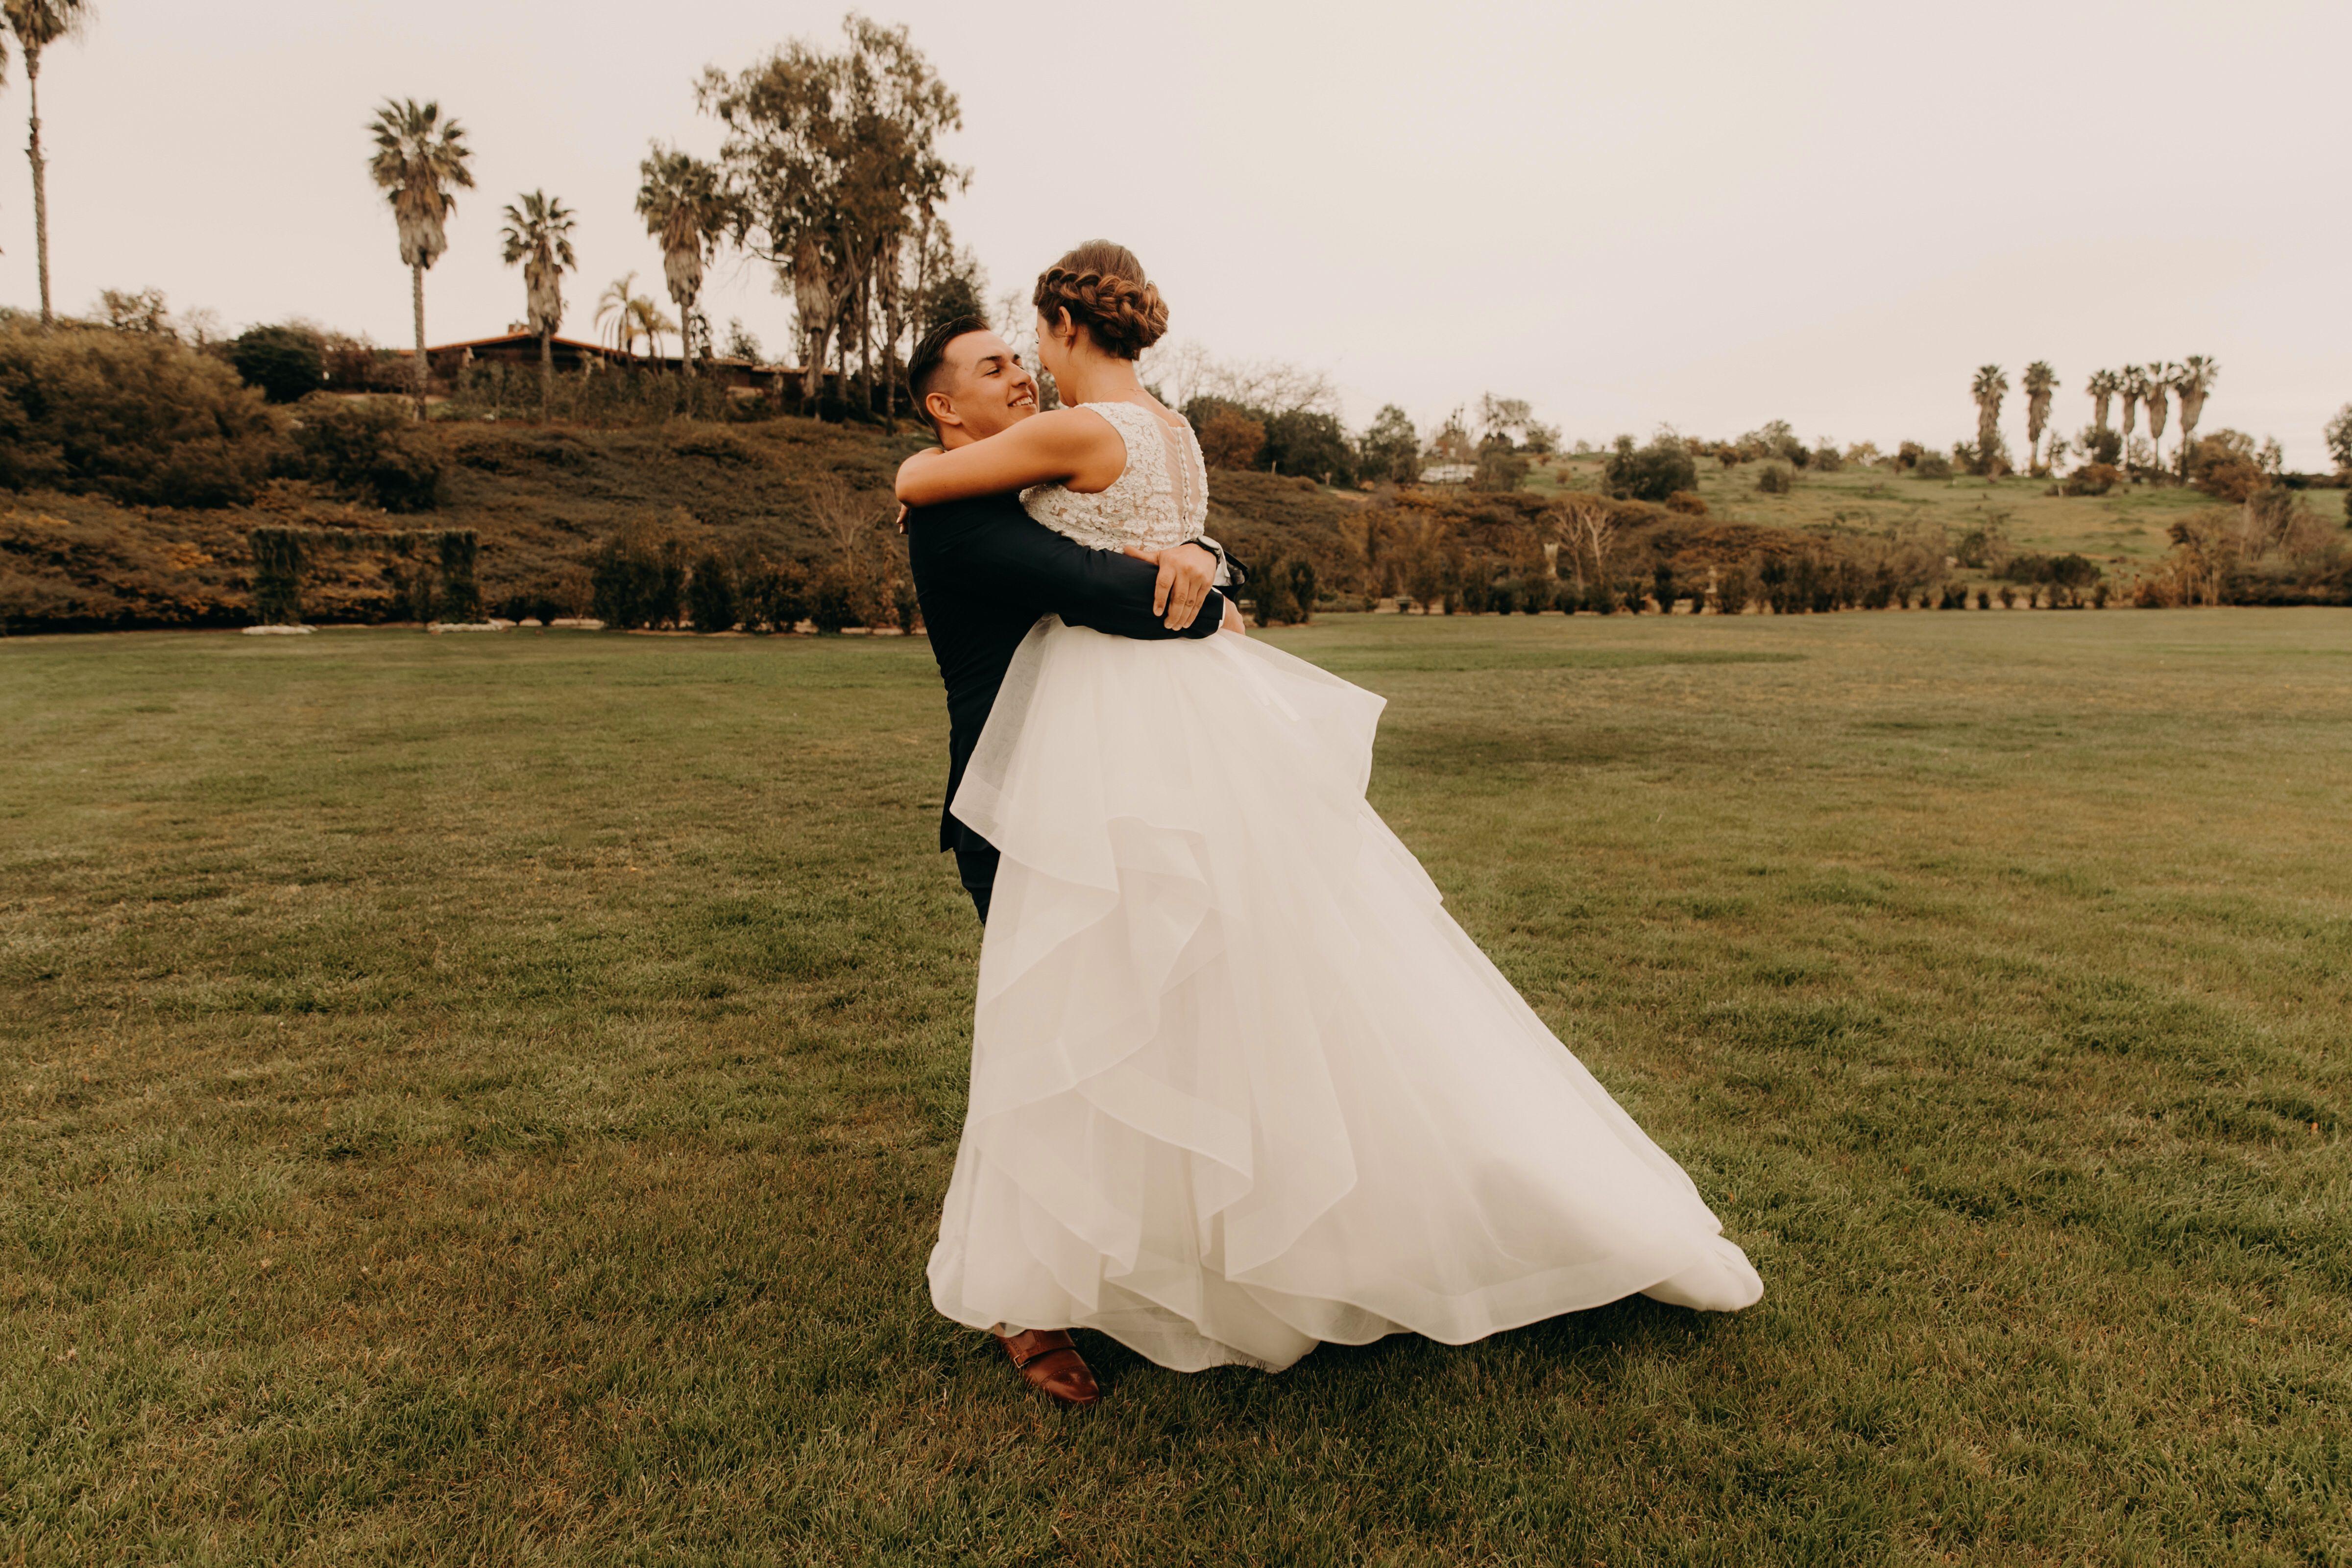 Orange County Wedding Photographer Ethereal Gardens Wedding San Diego Wedding Photography Orange County Wedding Photographer San Diego Wedding Venues